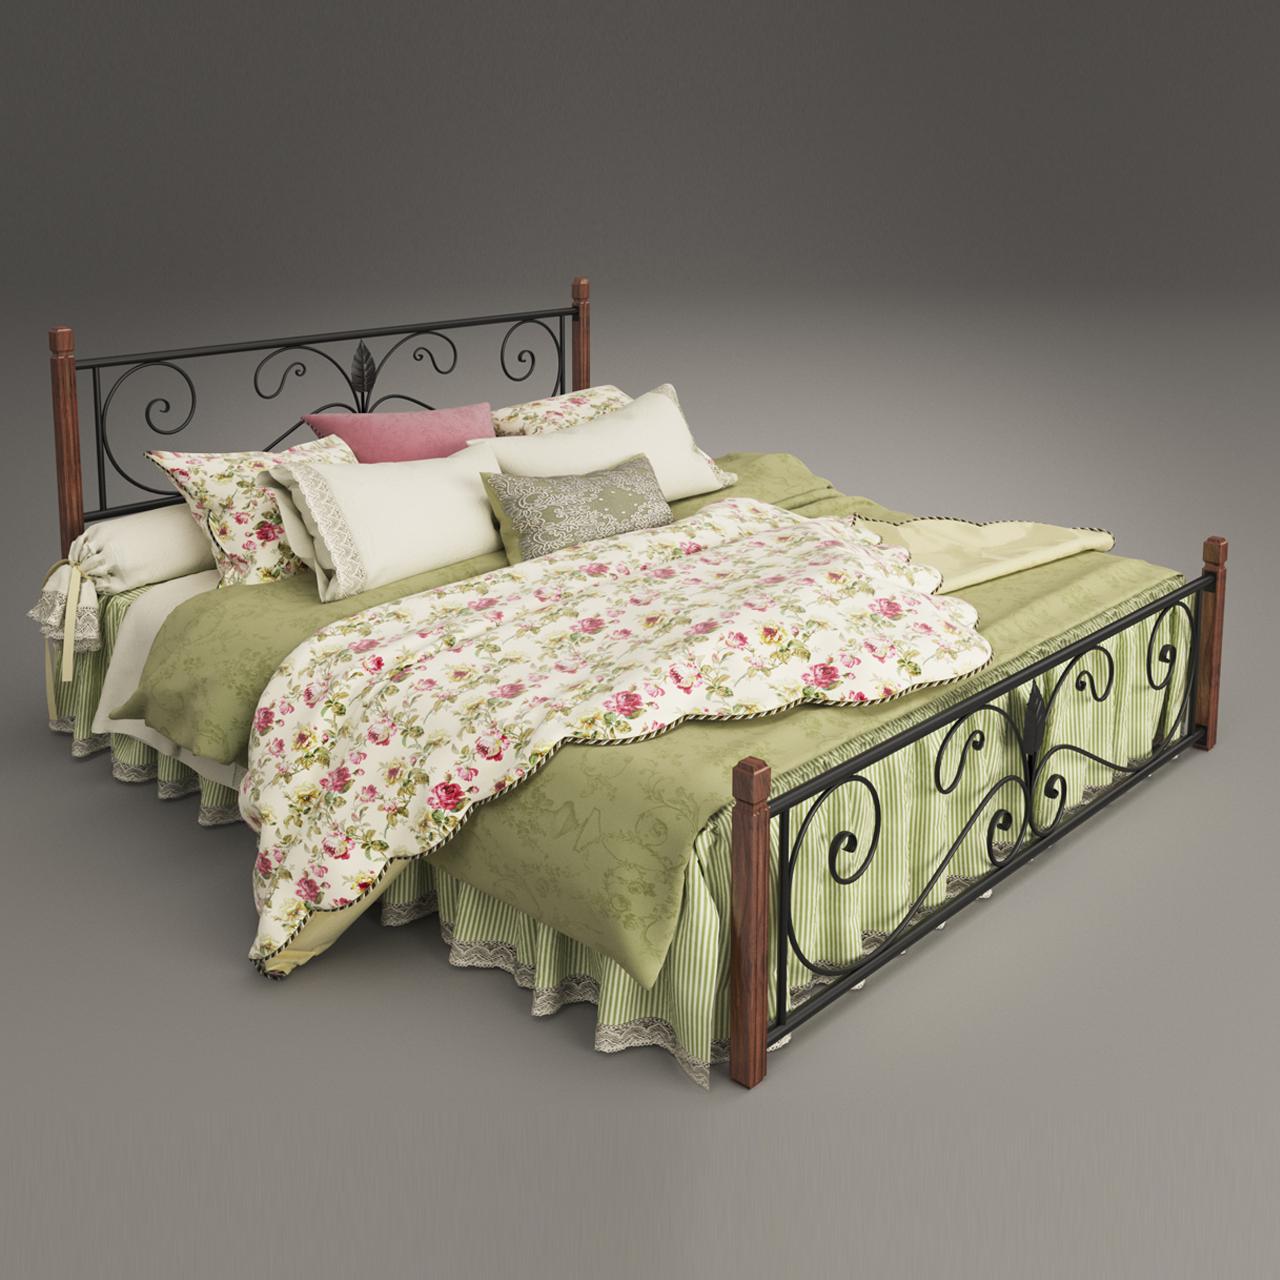 Кровать металлическая двуспальная Крокус на деревянных ногах